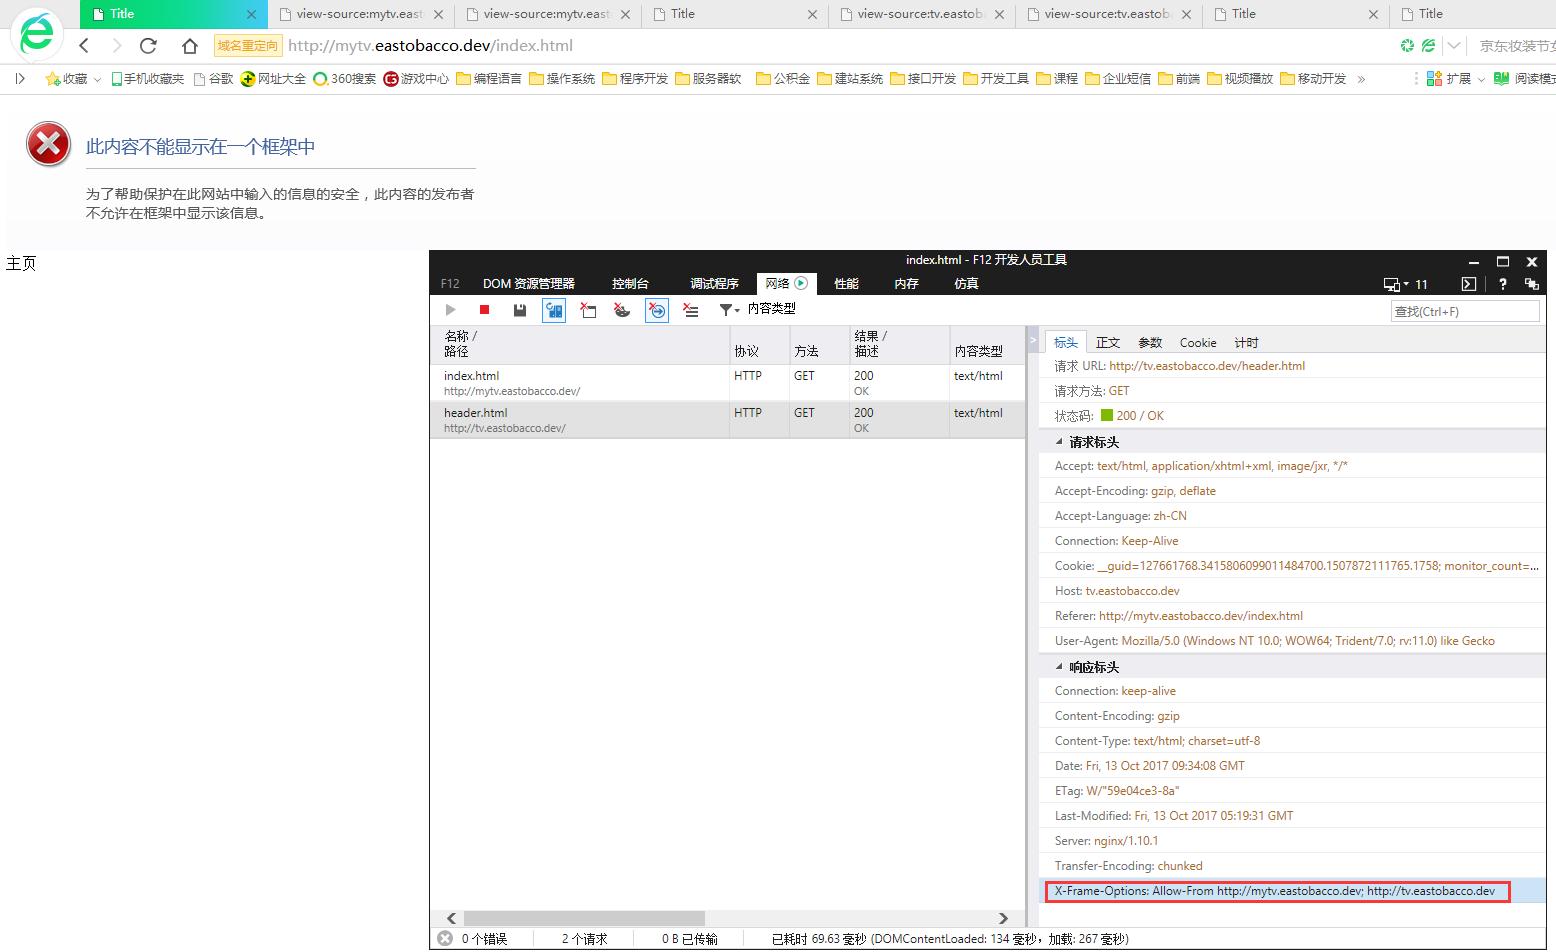 重复第7步骤,发现header.html在mytv域名下无法展示